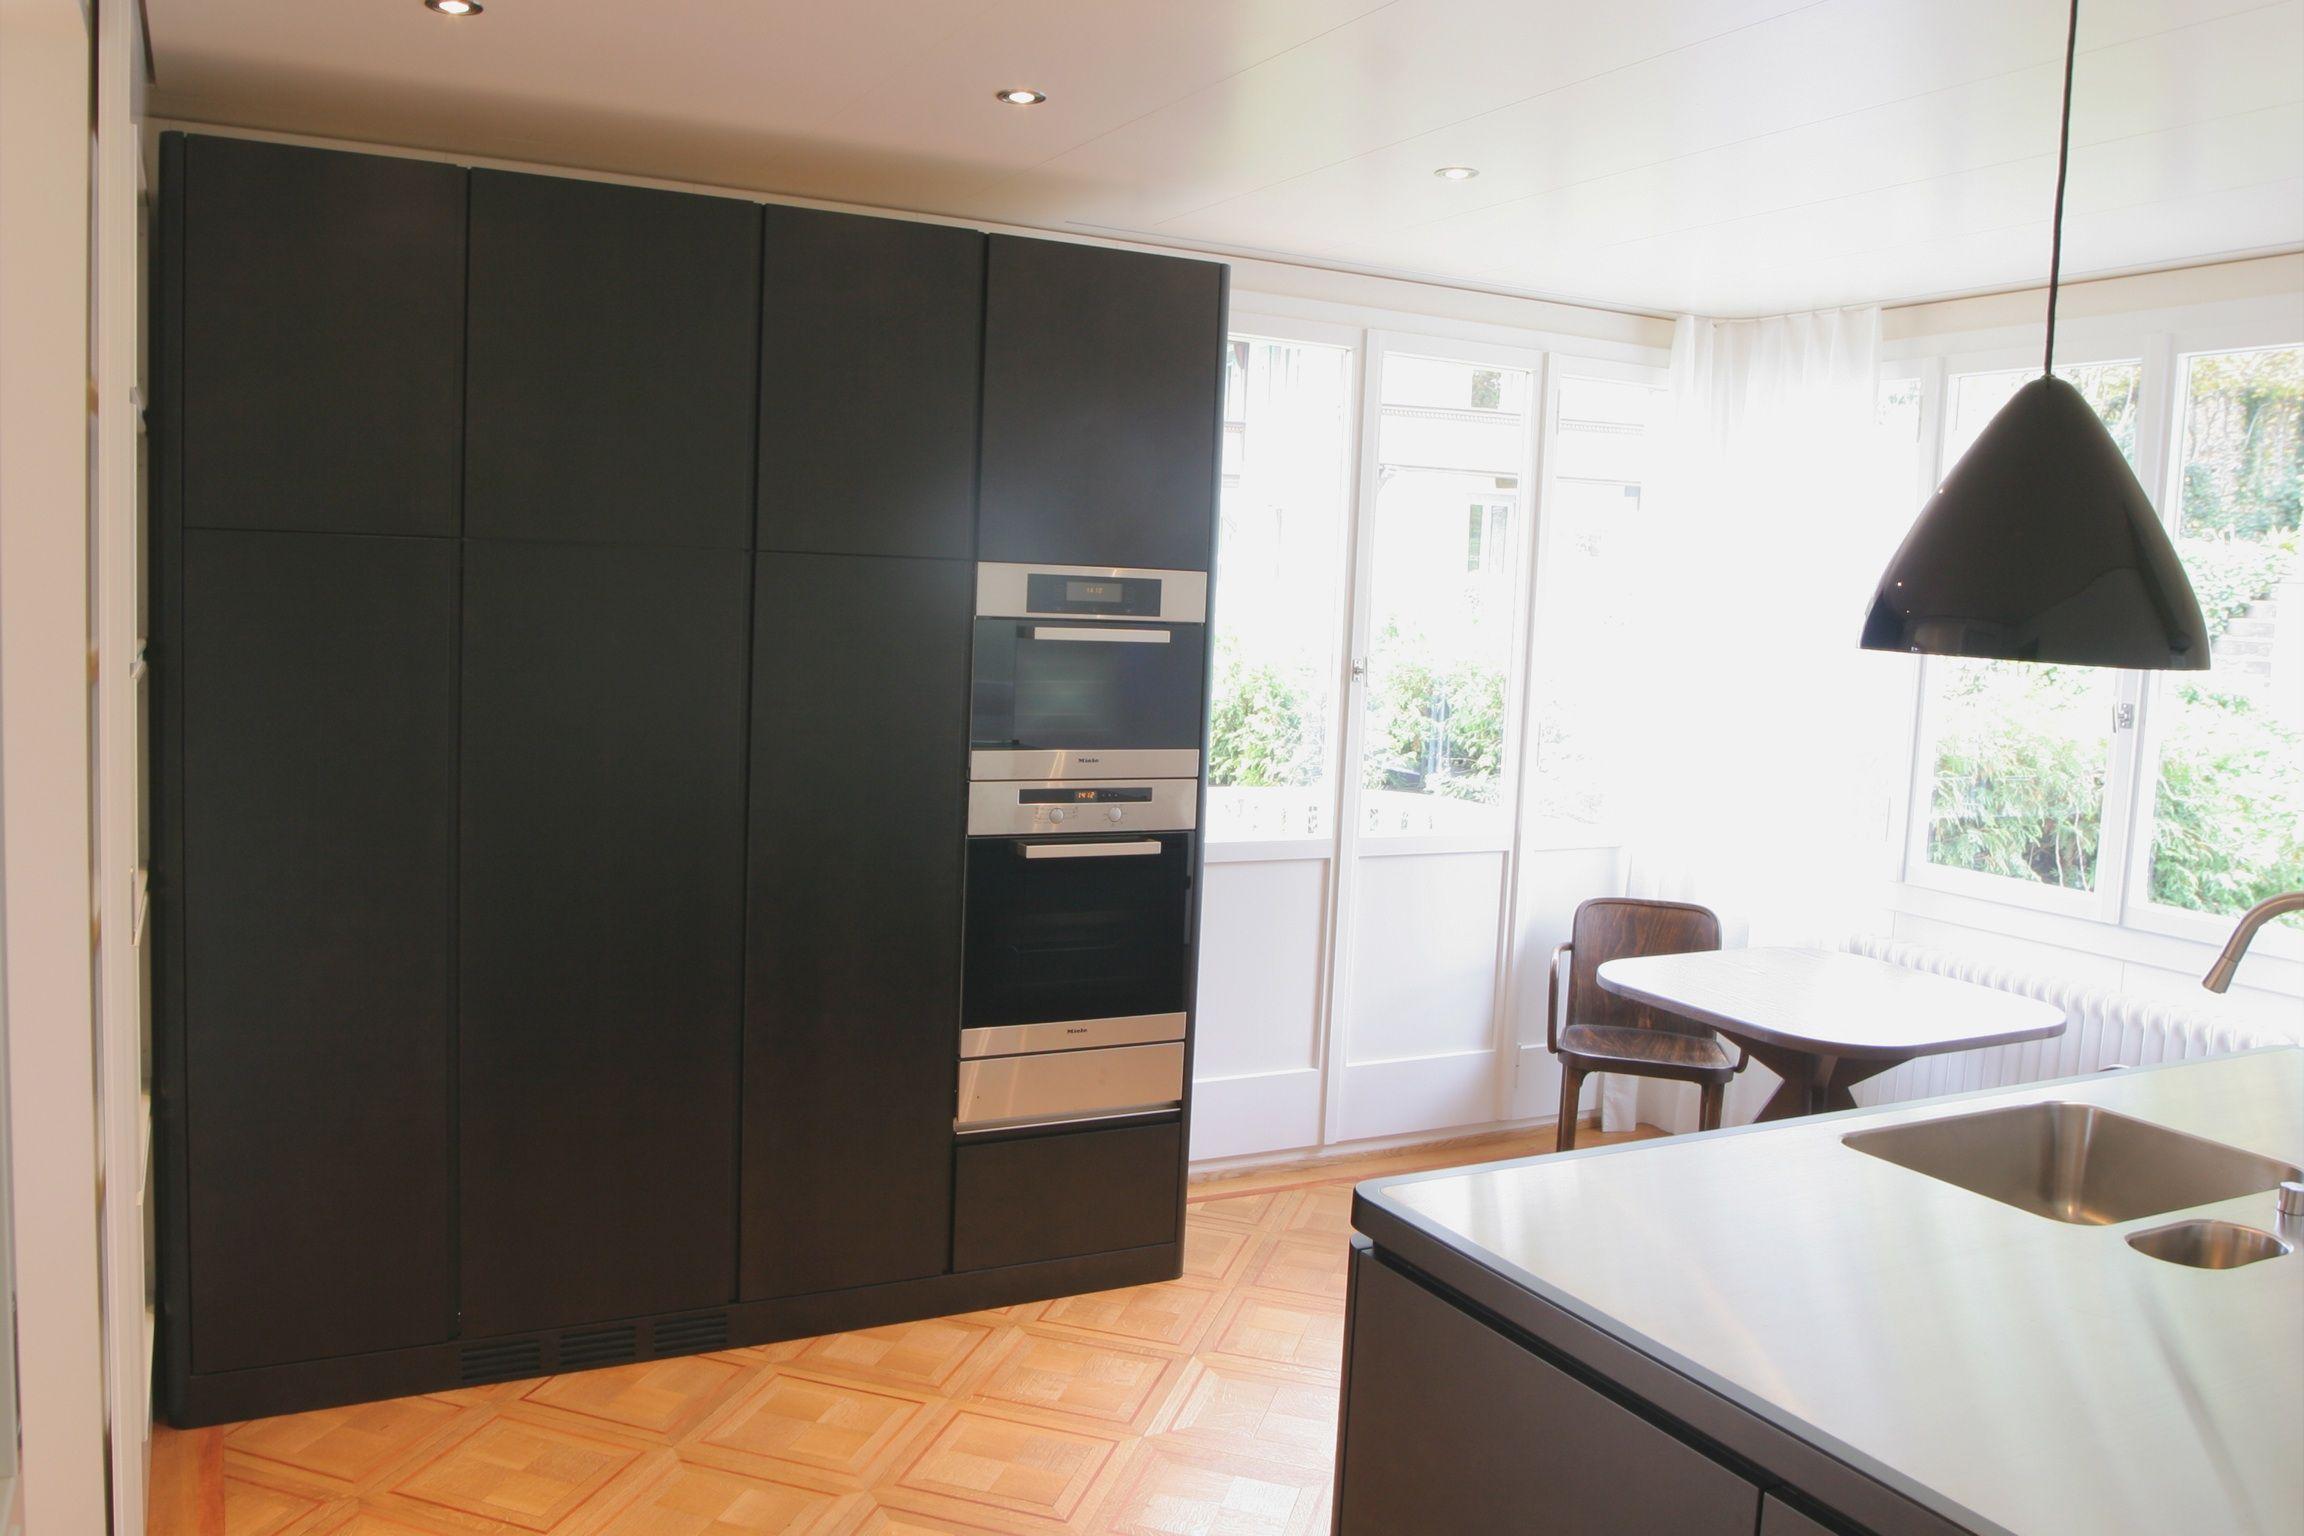 Küche mit eingefasster Edelstahlabdeckung, Fronten in Ahorn furniert ...